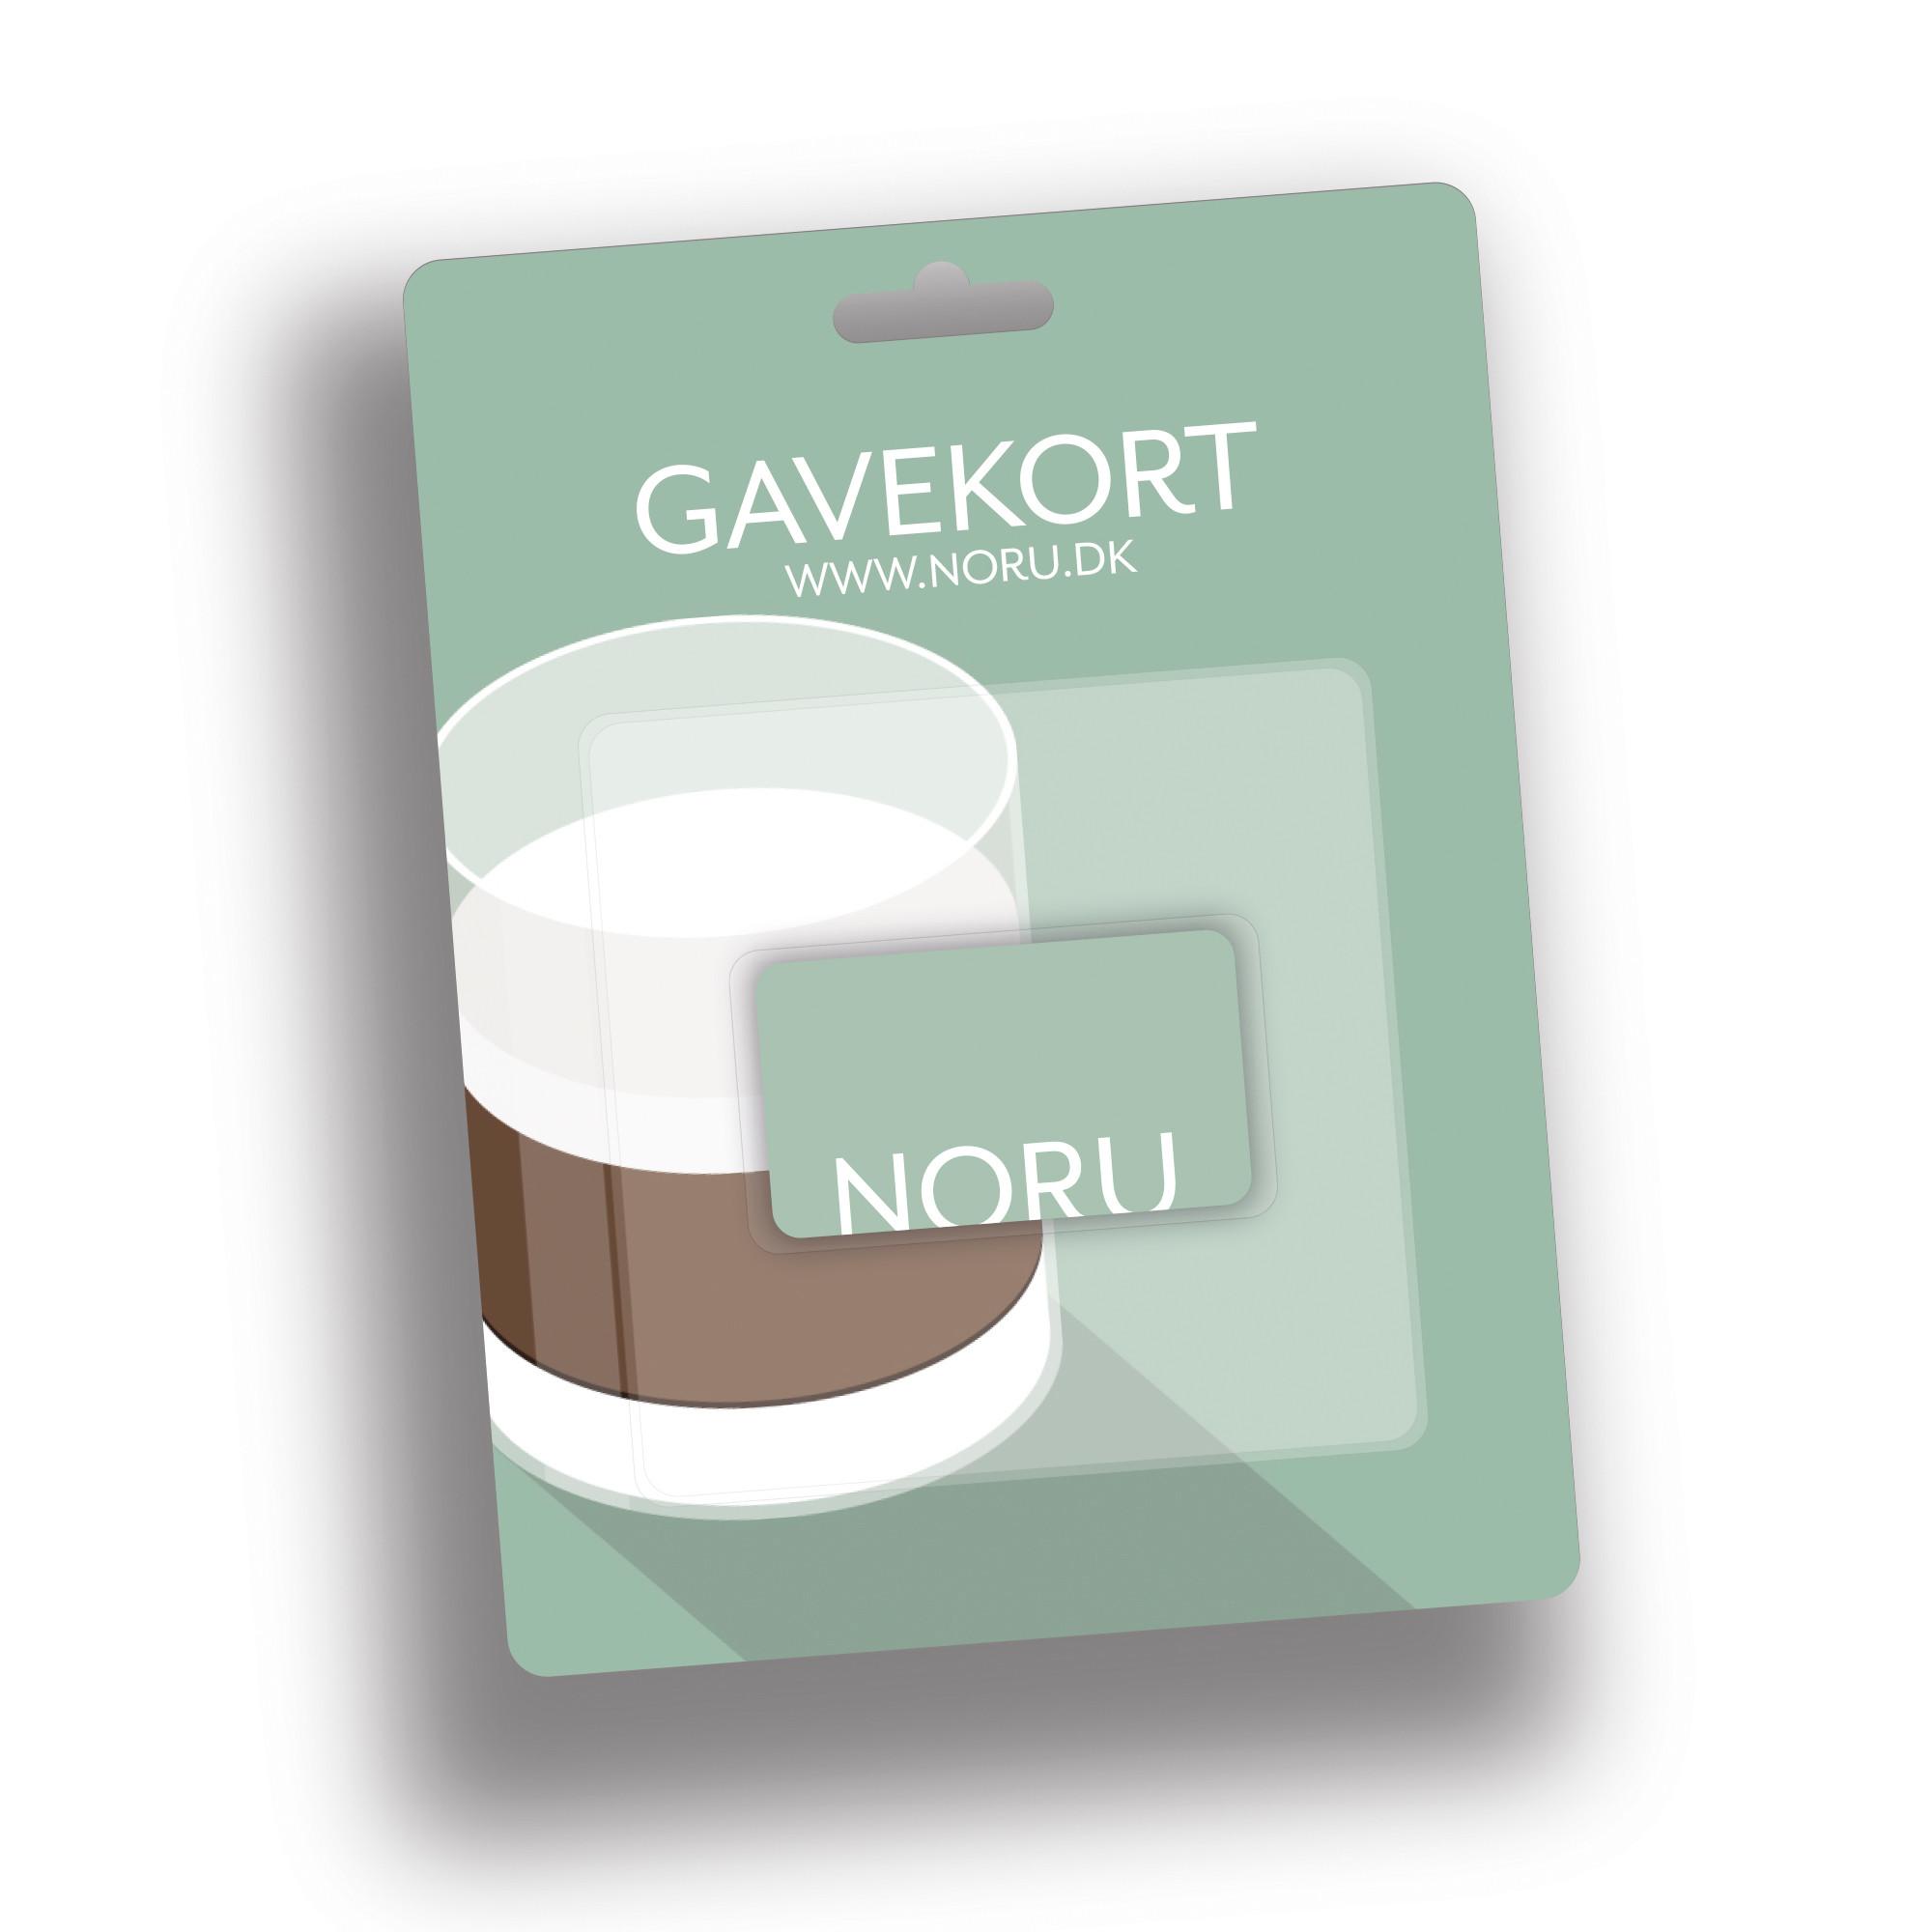 Billede af Gavekort til NORU